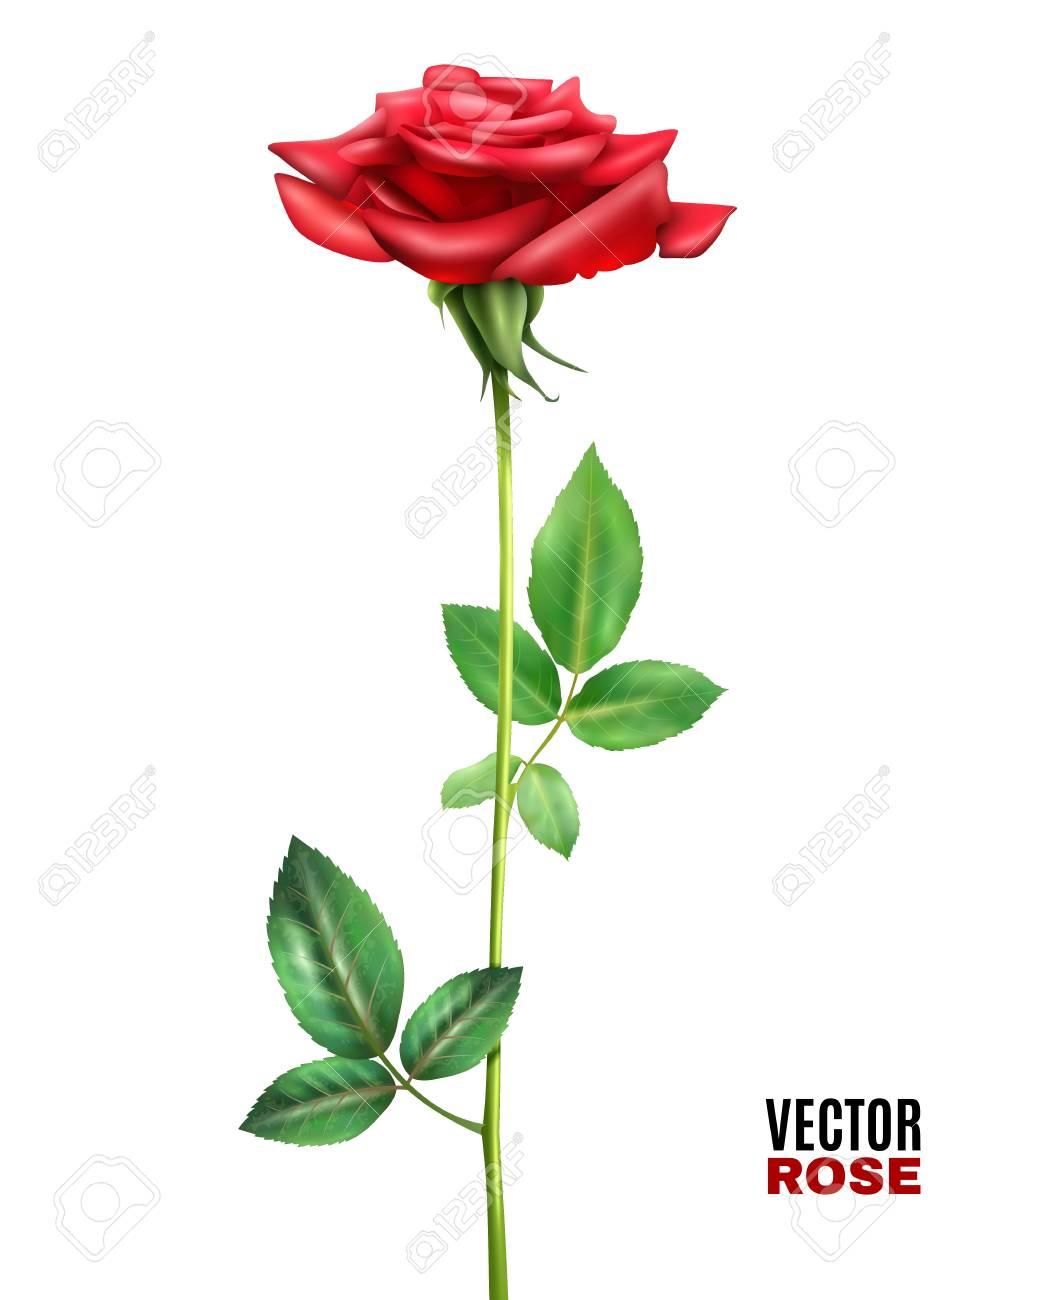 Hermoso Color Rojo Flor En Flor Rosa Con Hojas Y Tallo Verde Sobre ...